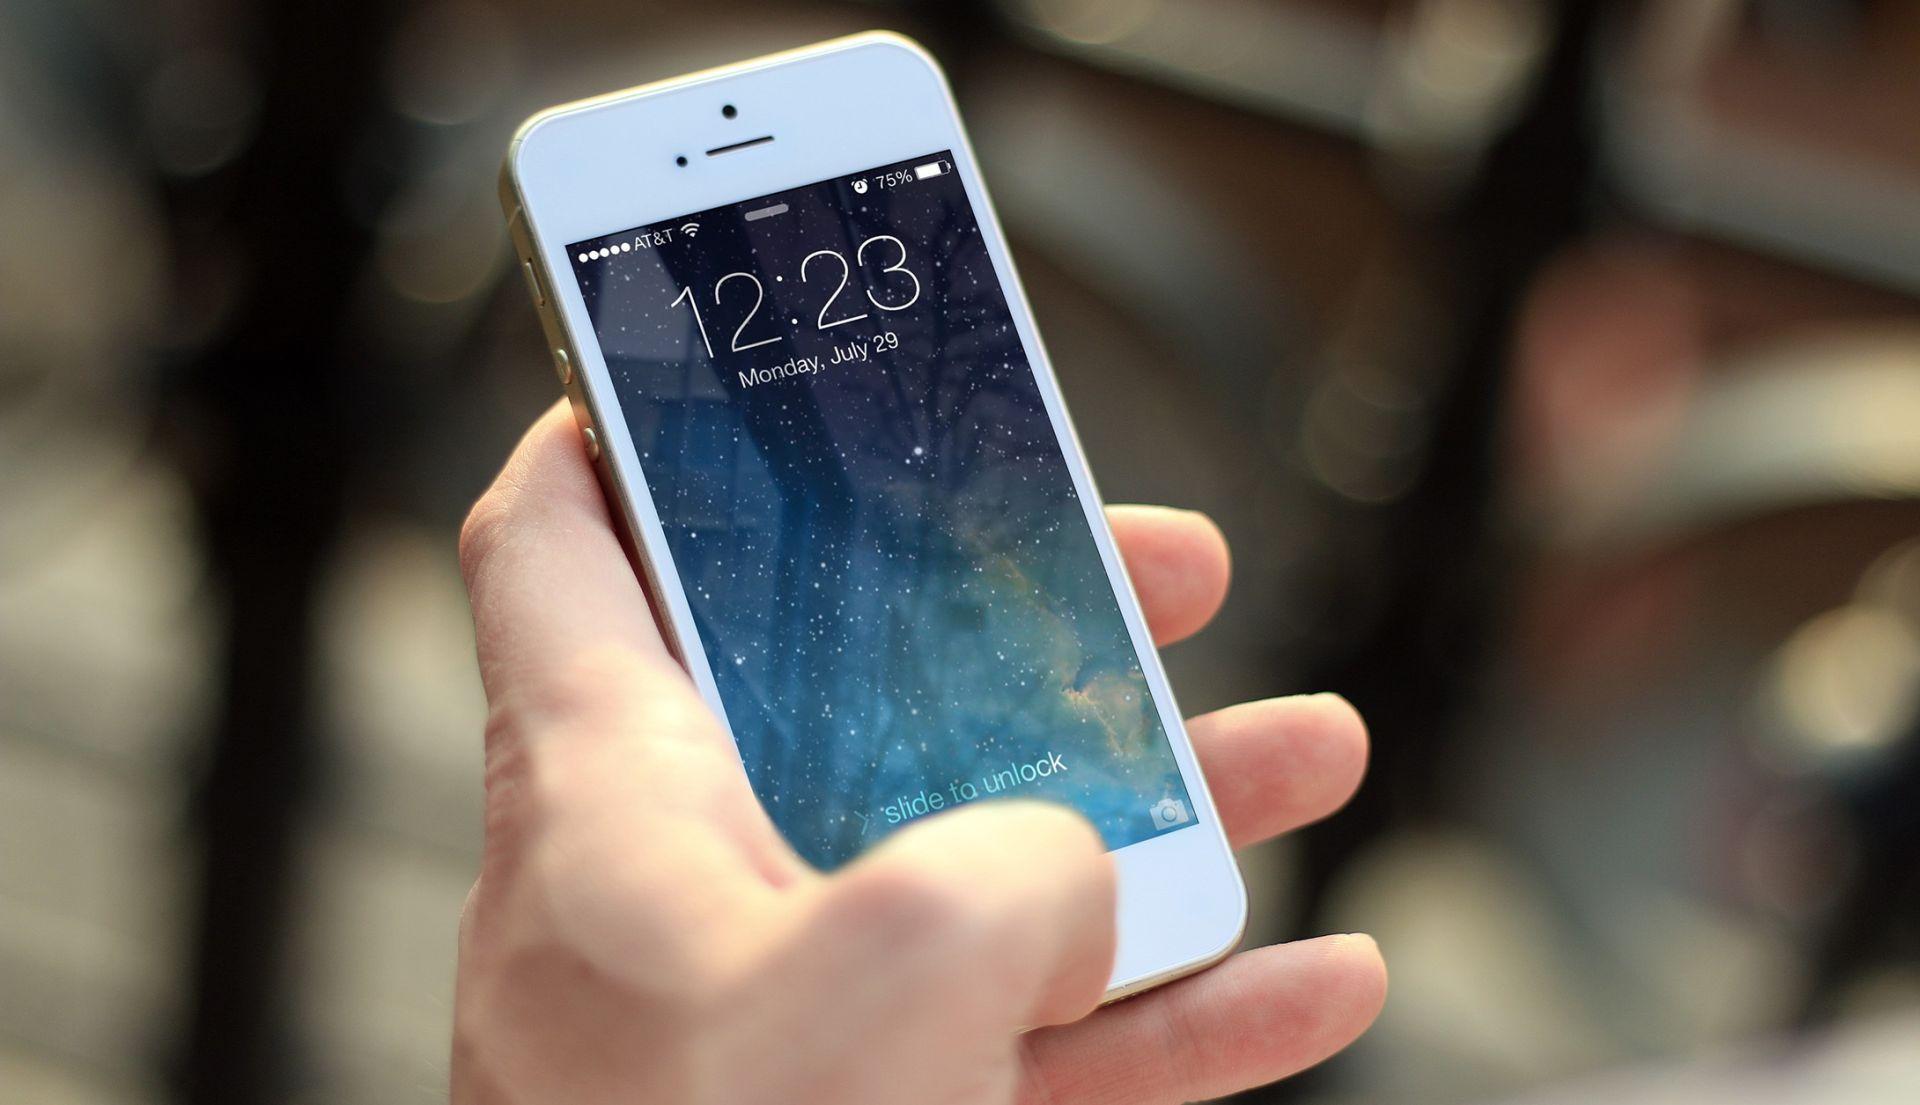 PONUDILI POMOĆ U ISTRAZI UBOJSTVA: FBI otključava još jedan iPhone